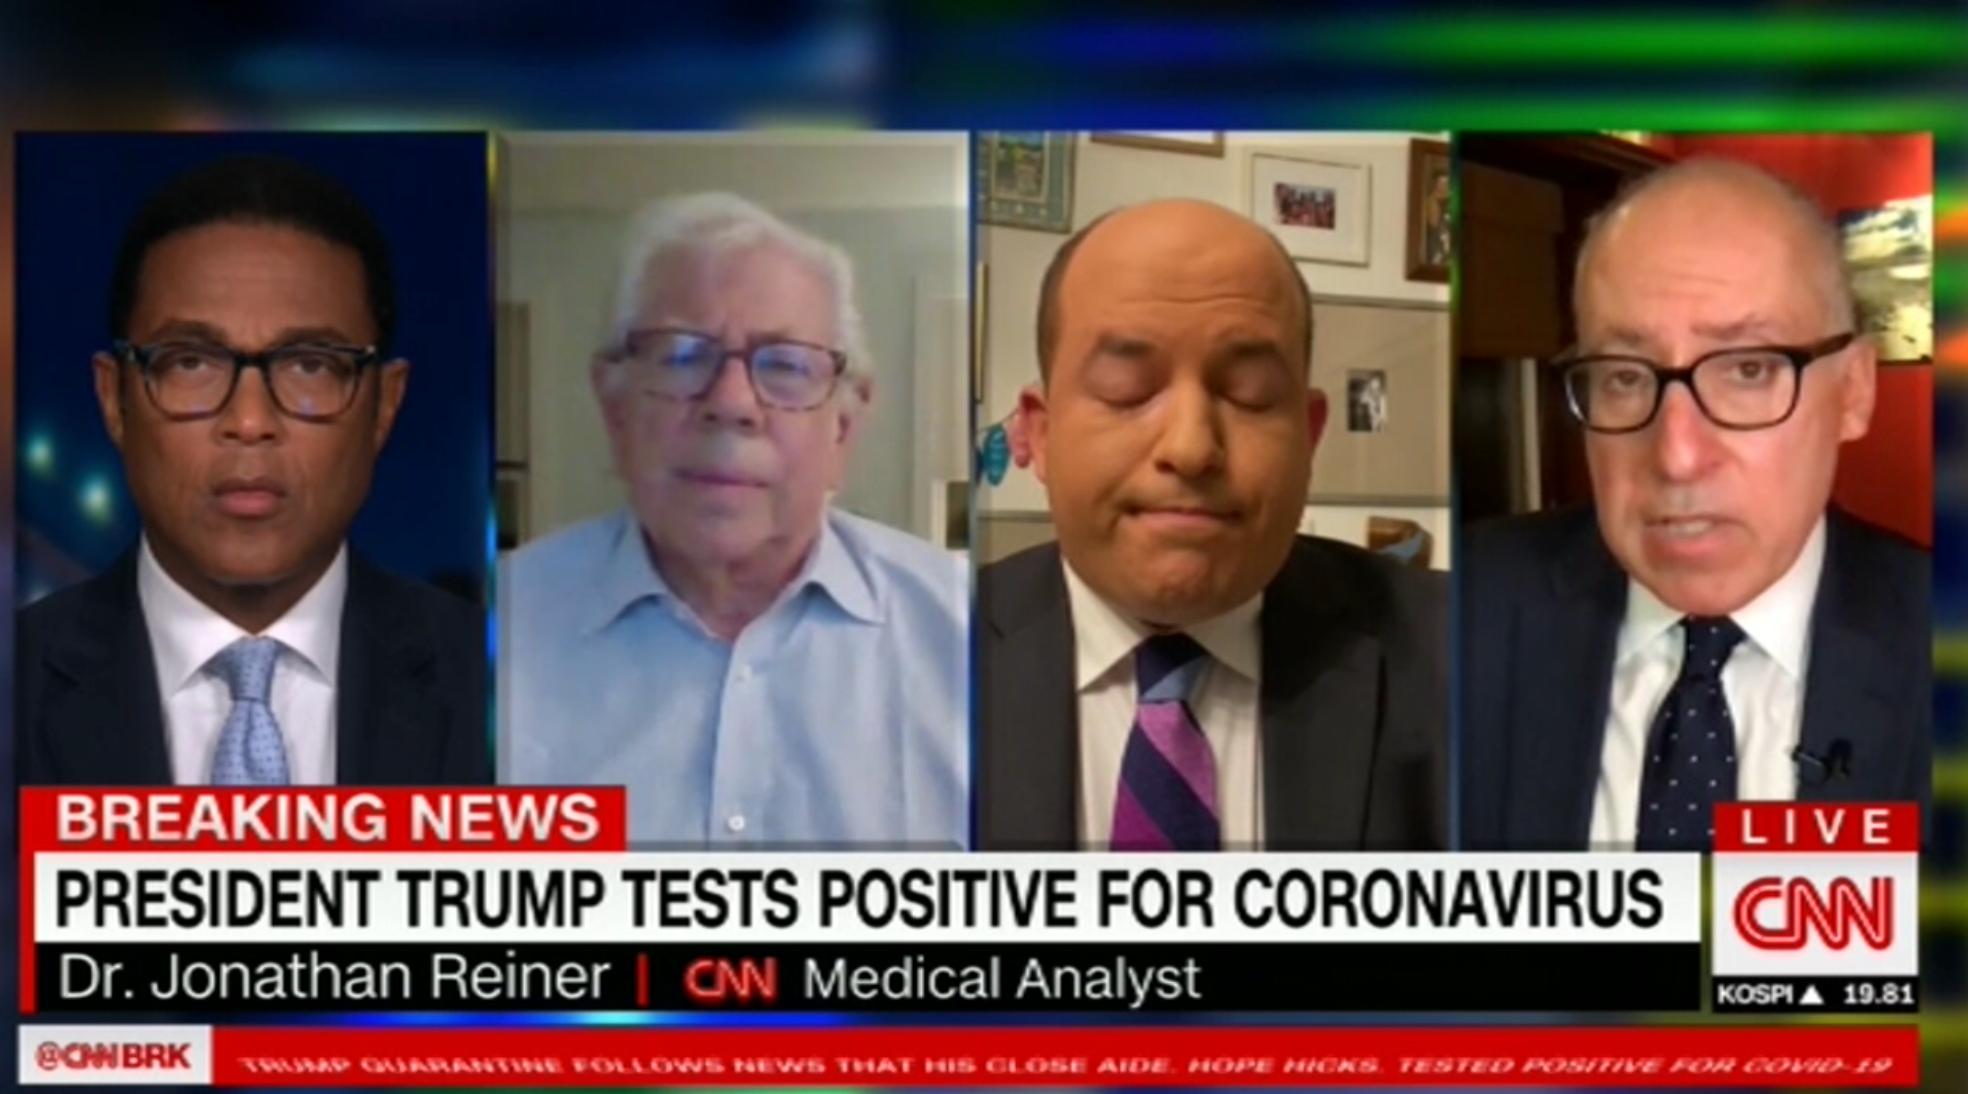 Donald Trump annonce sur Twitter que lui et son épouse sont positifs au coronavirus